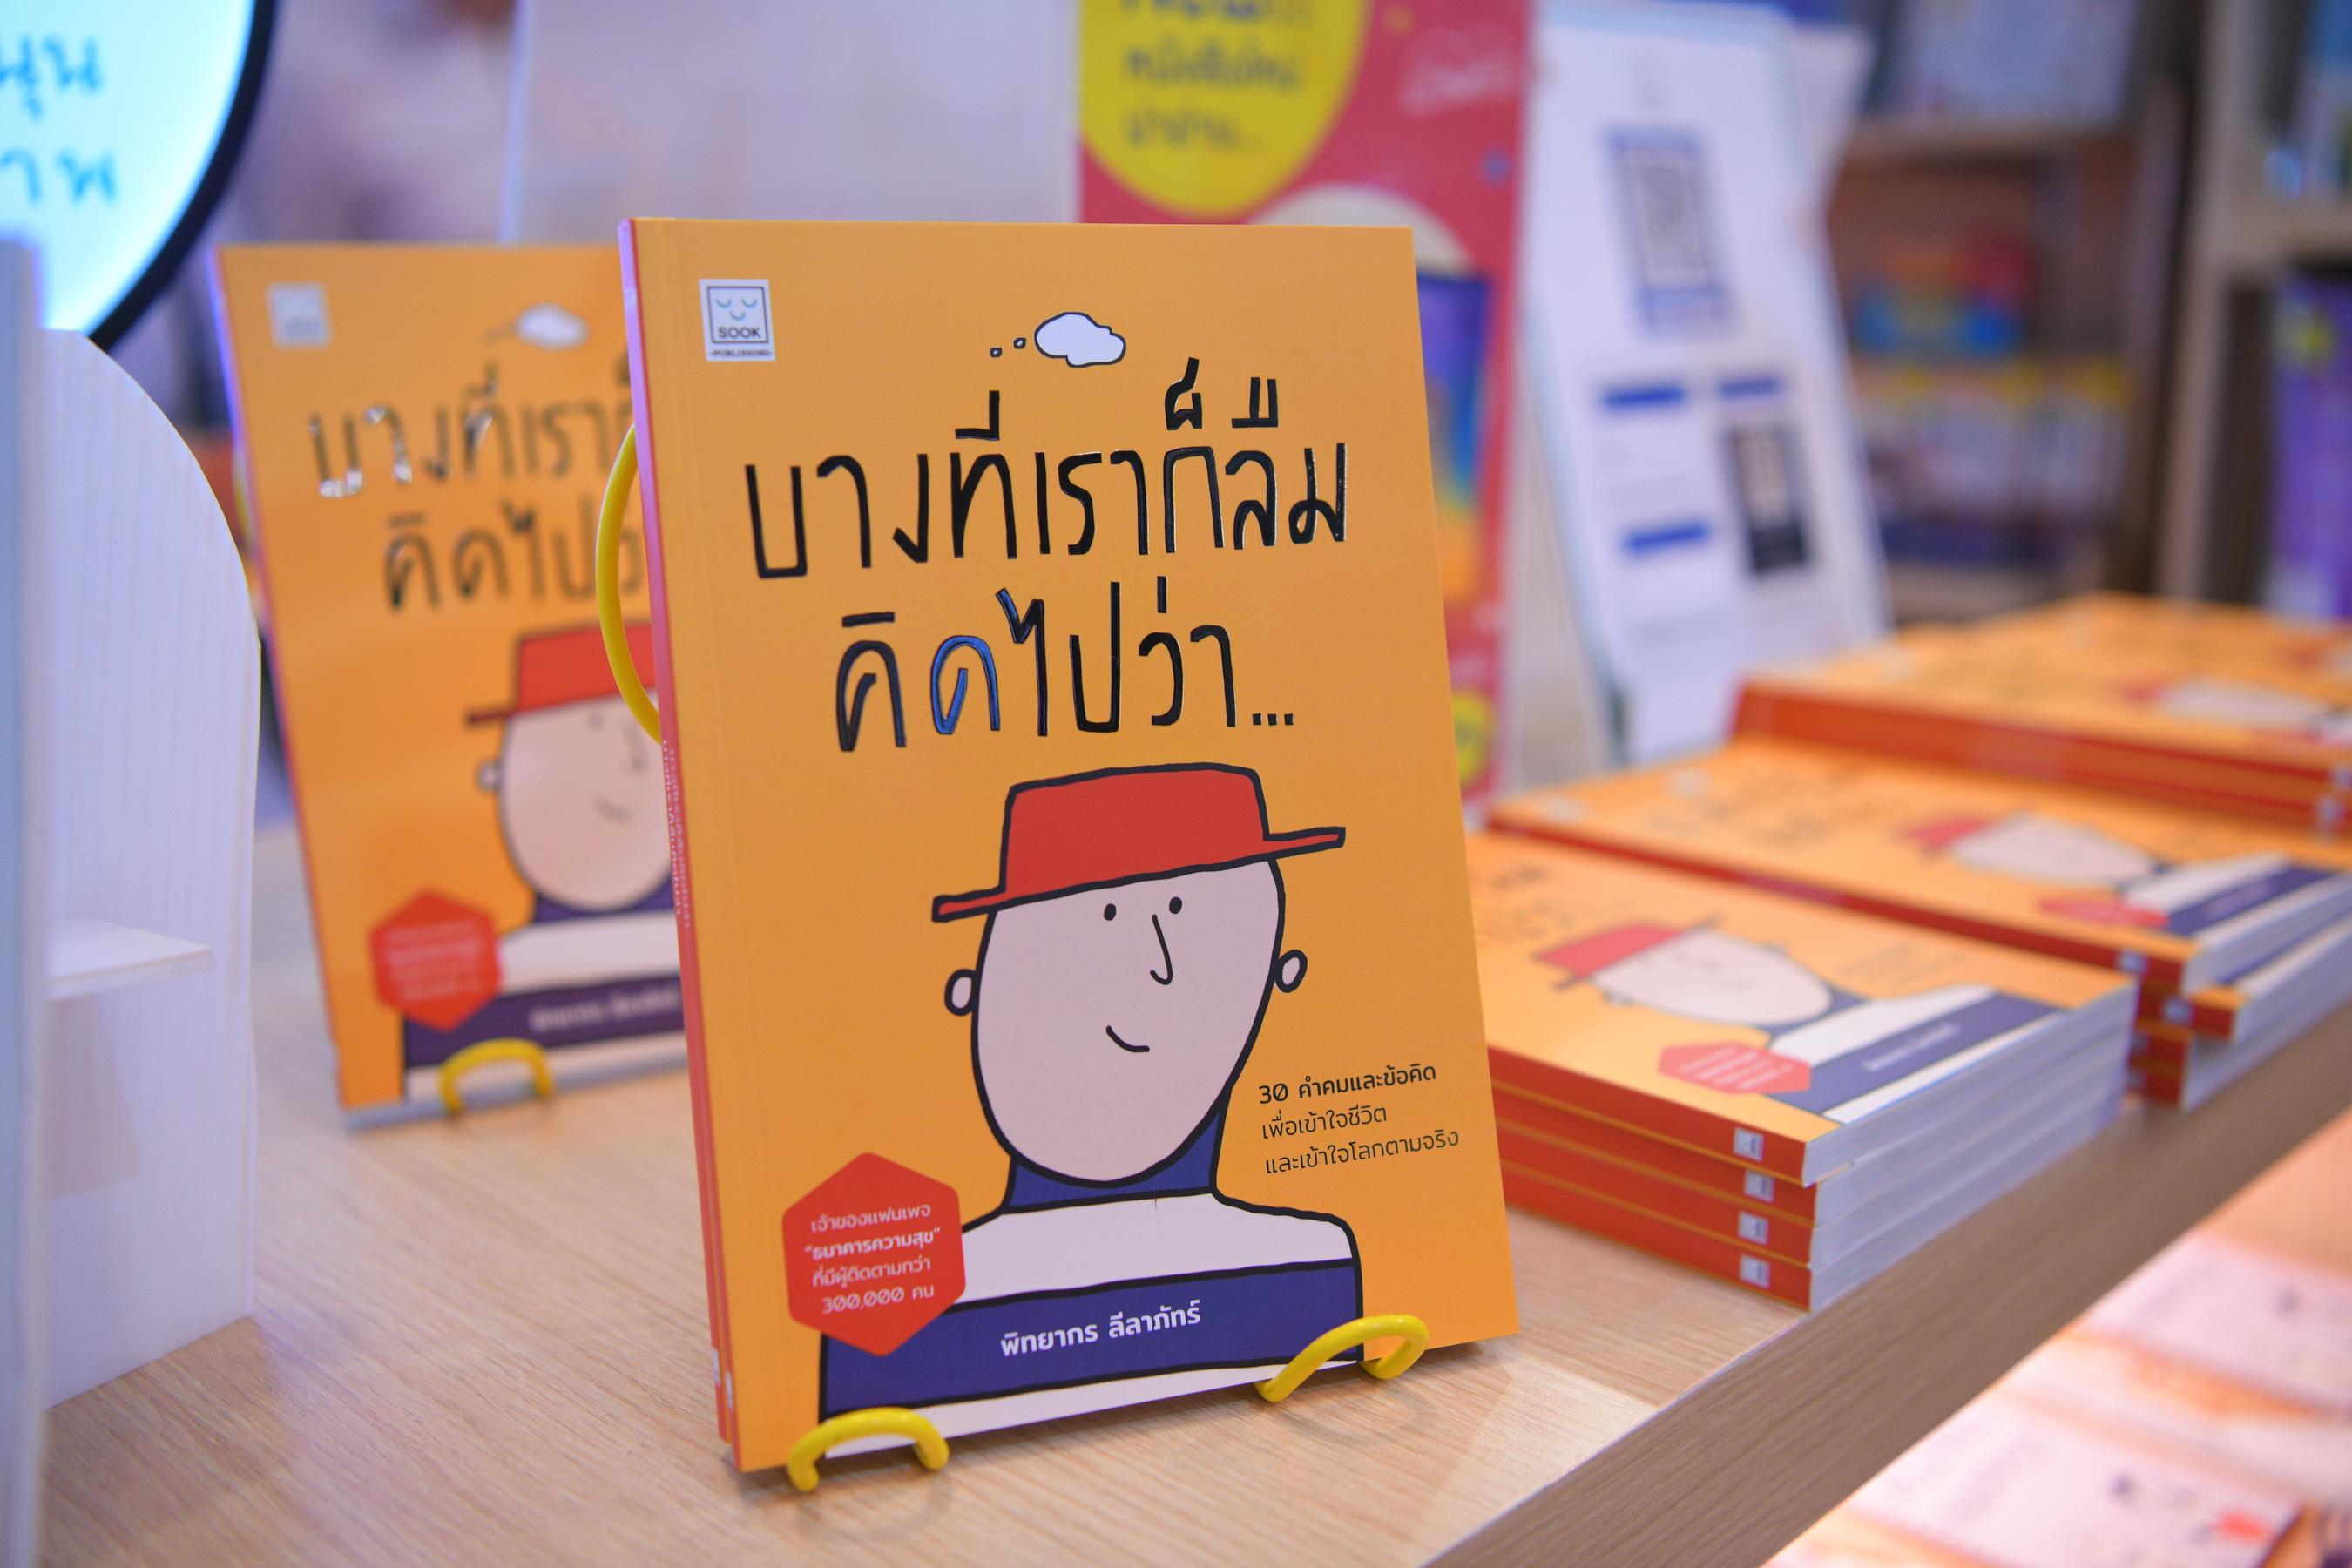 'บางทีเราก็ลืมคิดไปว่า...' ความสุขง่าย ๆ แค่ได้อ่าน thaihealth